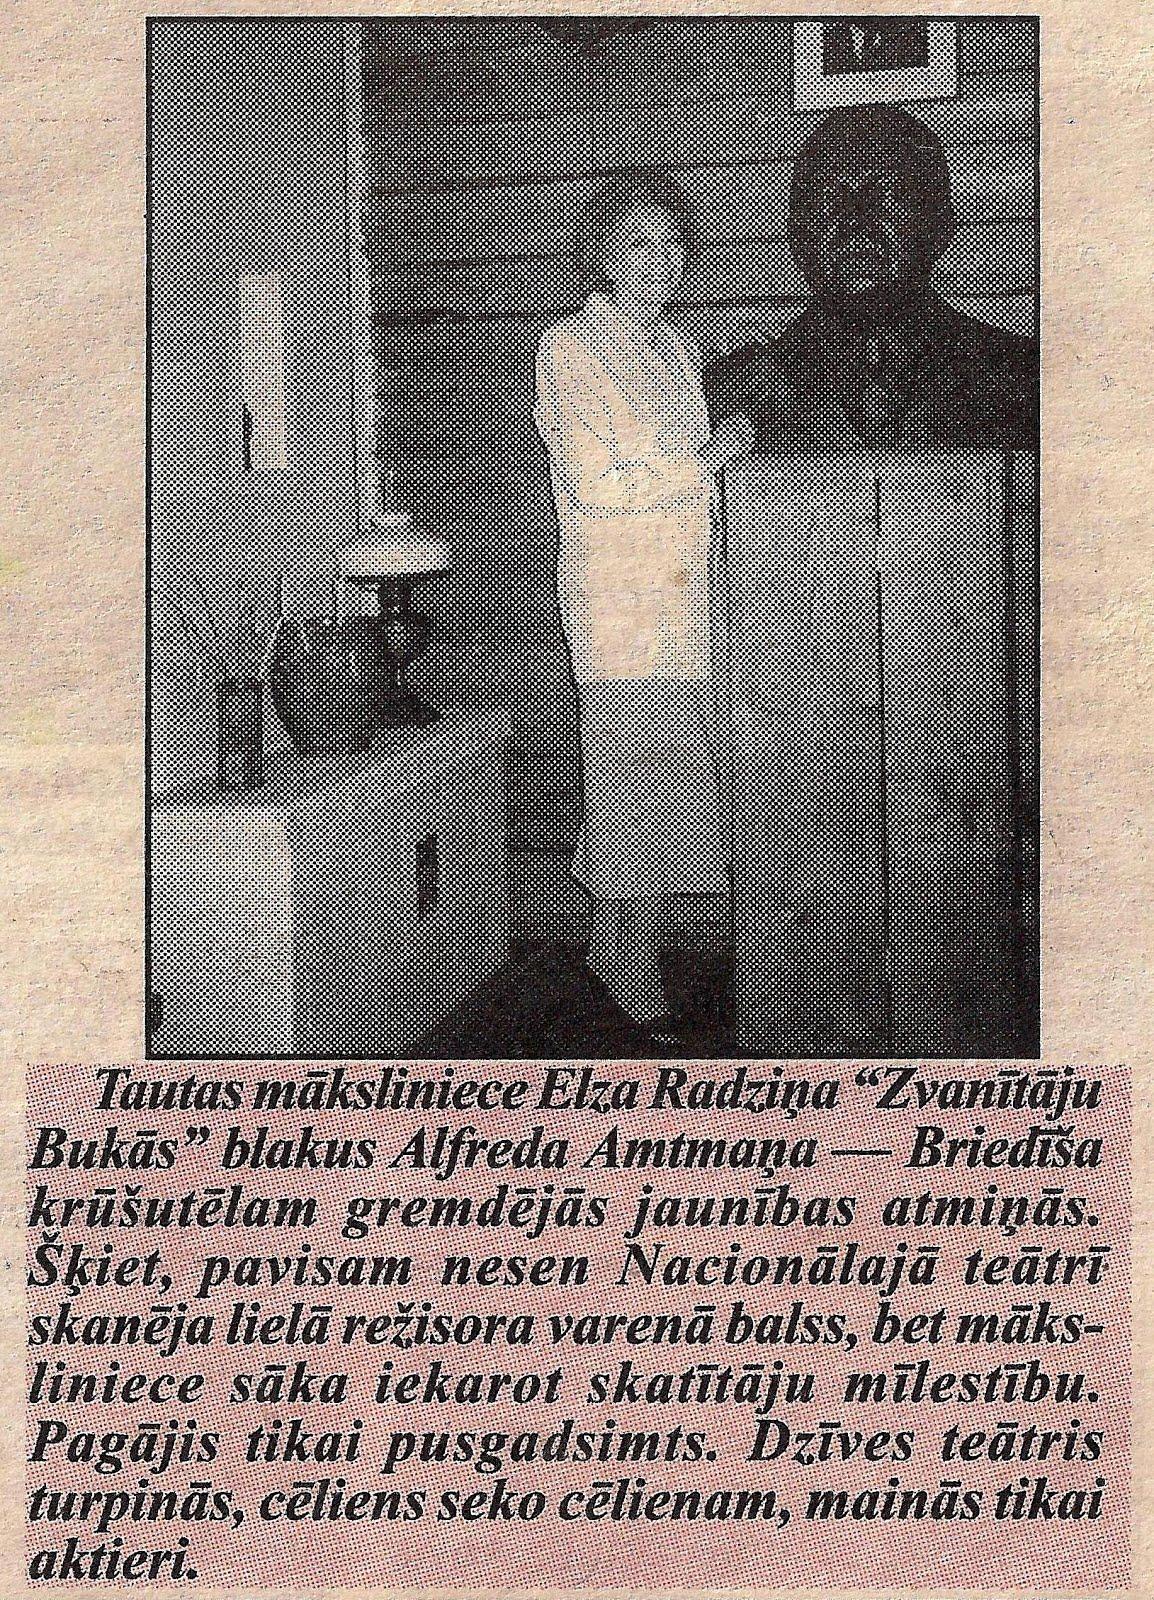 Elza Radziņa 1998. g. 5. augustā ,, Zvanītāju Bukās '' pie Alfreda-Amtmaņa Briedīša krūšutēla